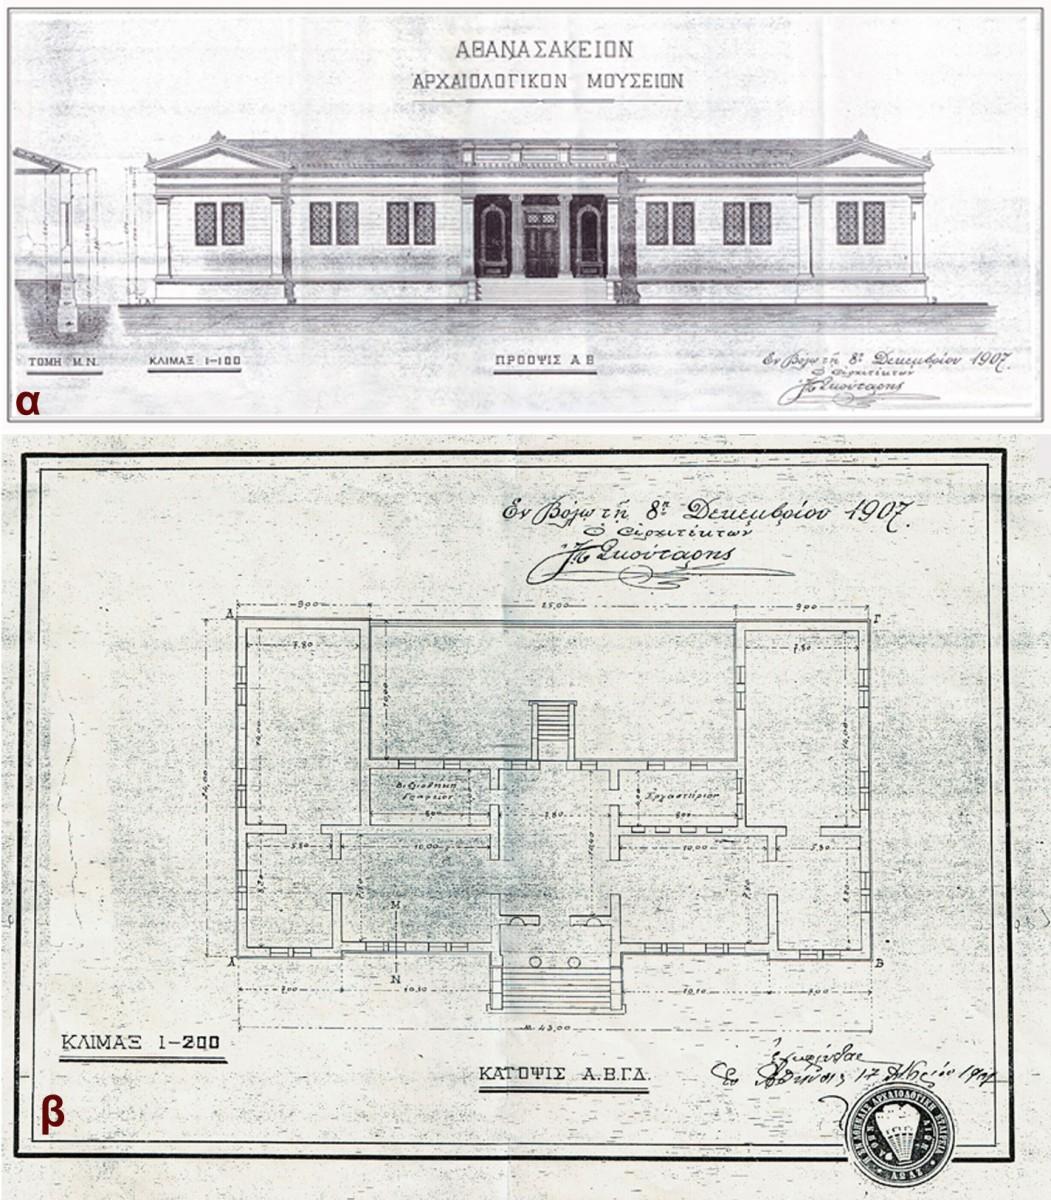 Εικ. 5. Σχέδια του Αρχαιολογικού Μουσείου Βόλου, 1907 (αρχιτέκτων: Α. Αγγελίδης): α. Κάτοψη, β. Νότια όψη.